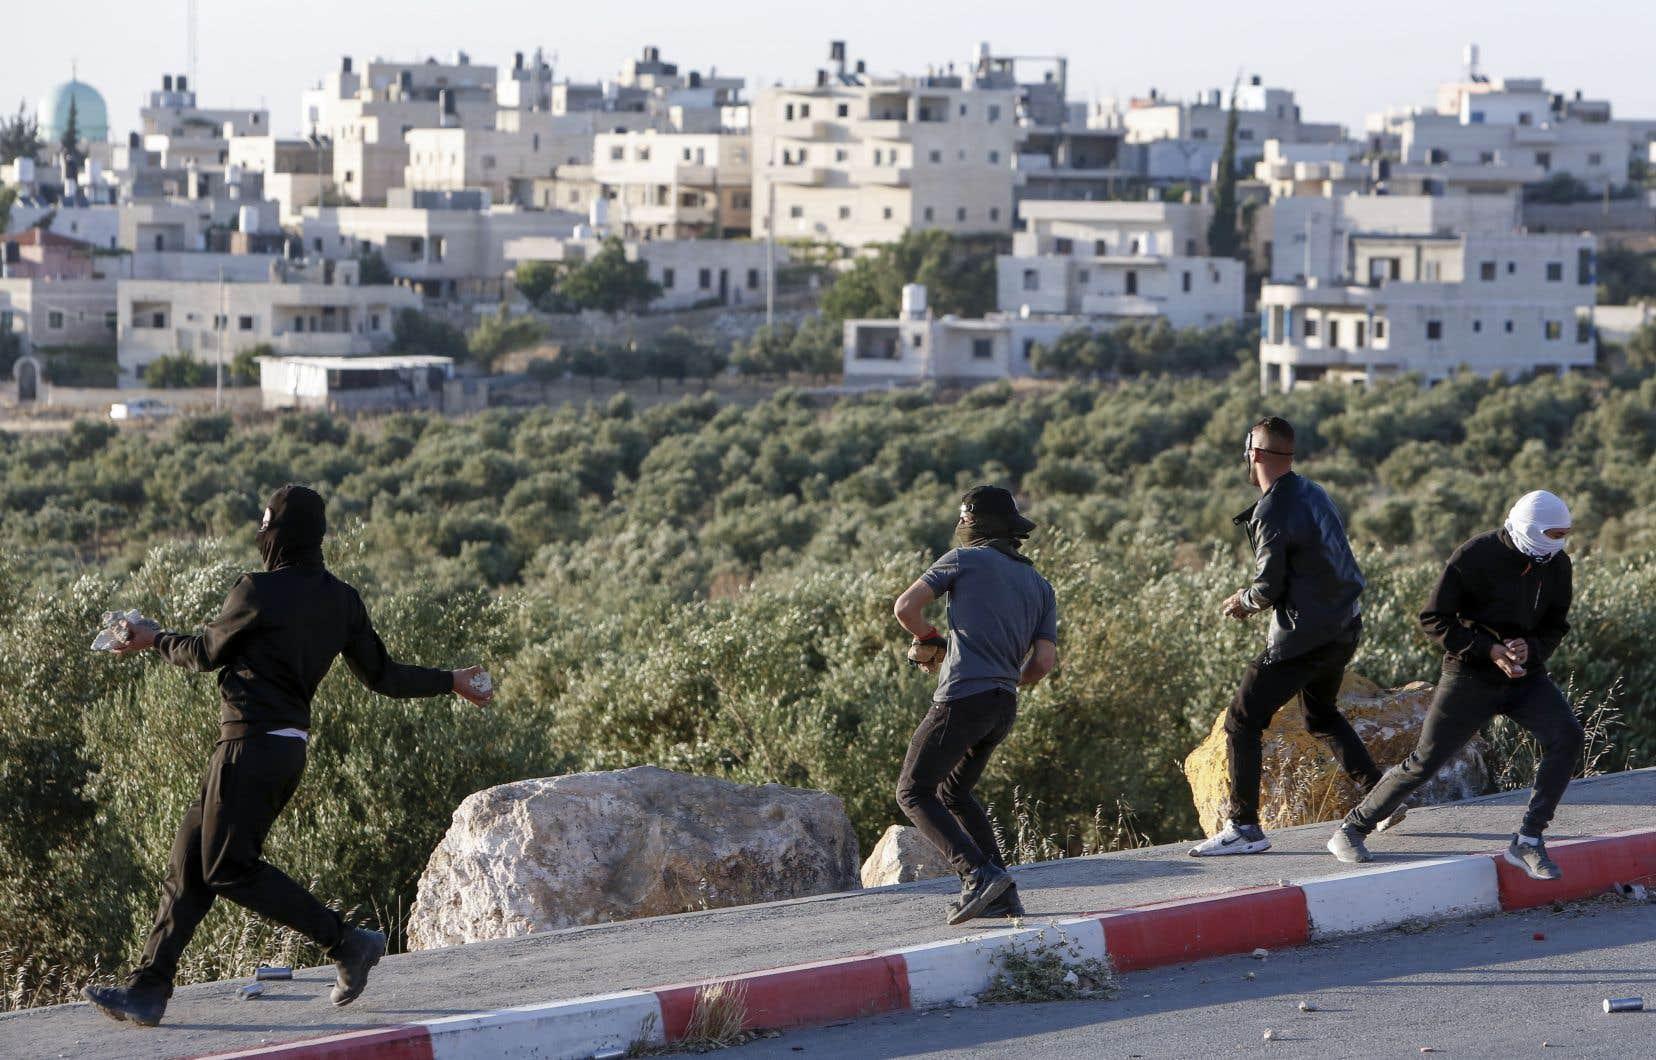 Des manifestants palestiniens lancent des pierres lors d'affrontements avec des soldats israéliens en Cisjordanie, jeudi.